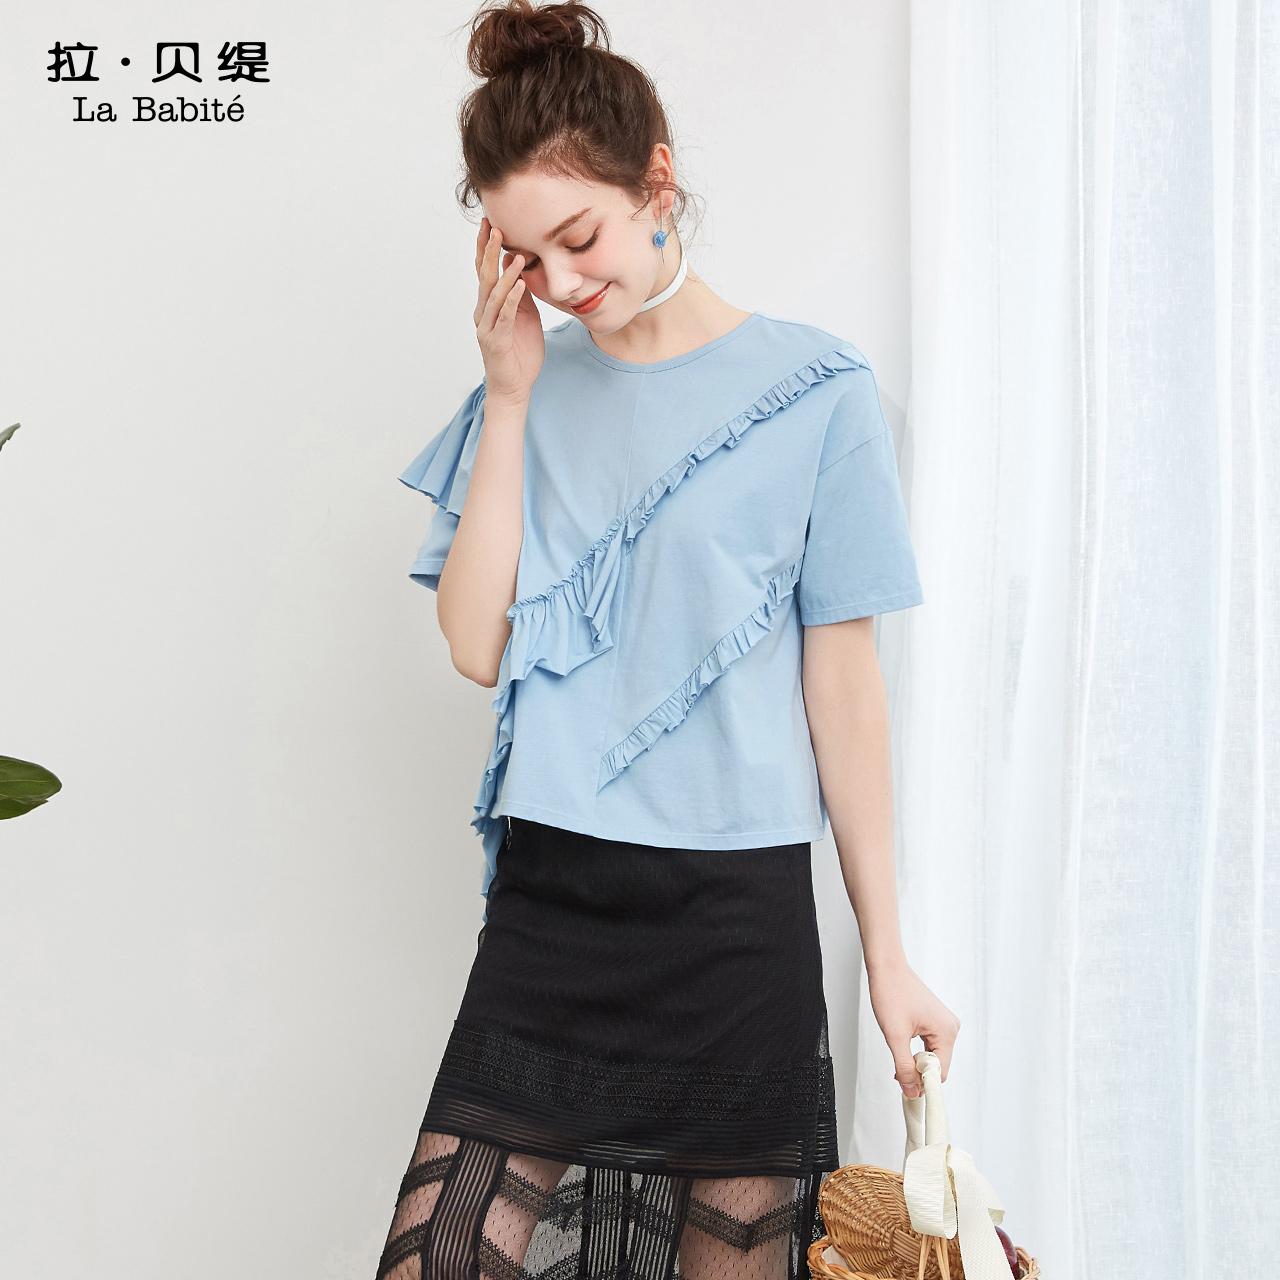 La Babite 60300363 女士短袖T恤